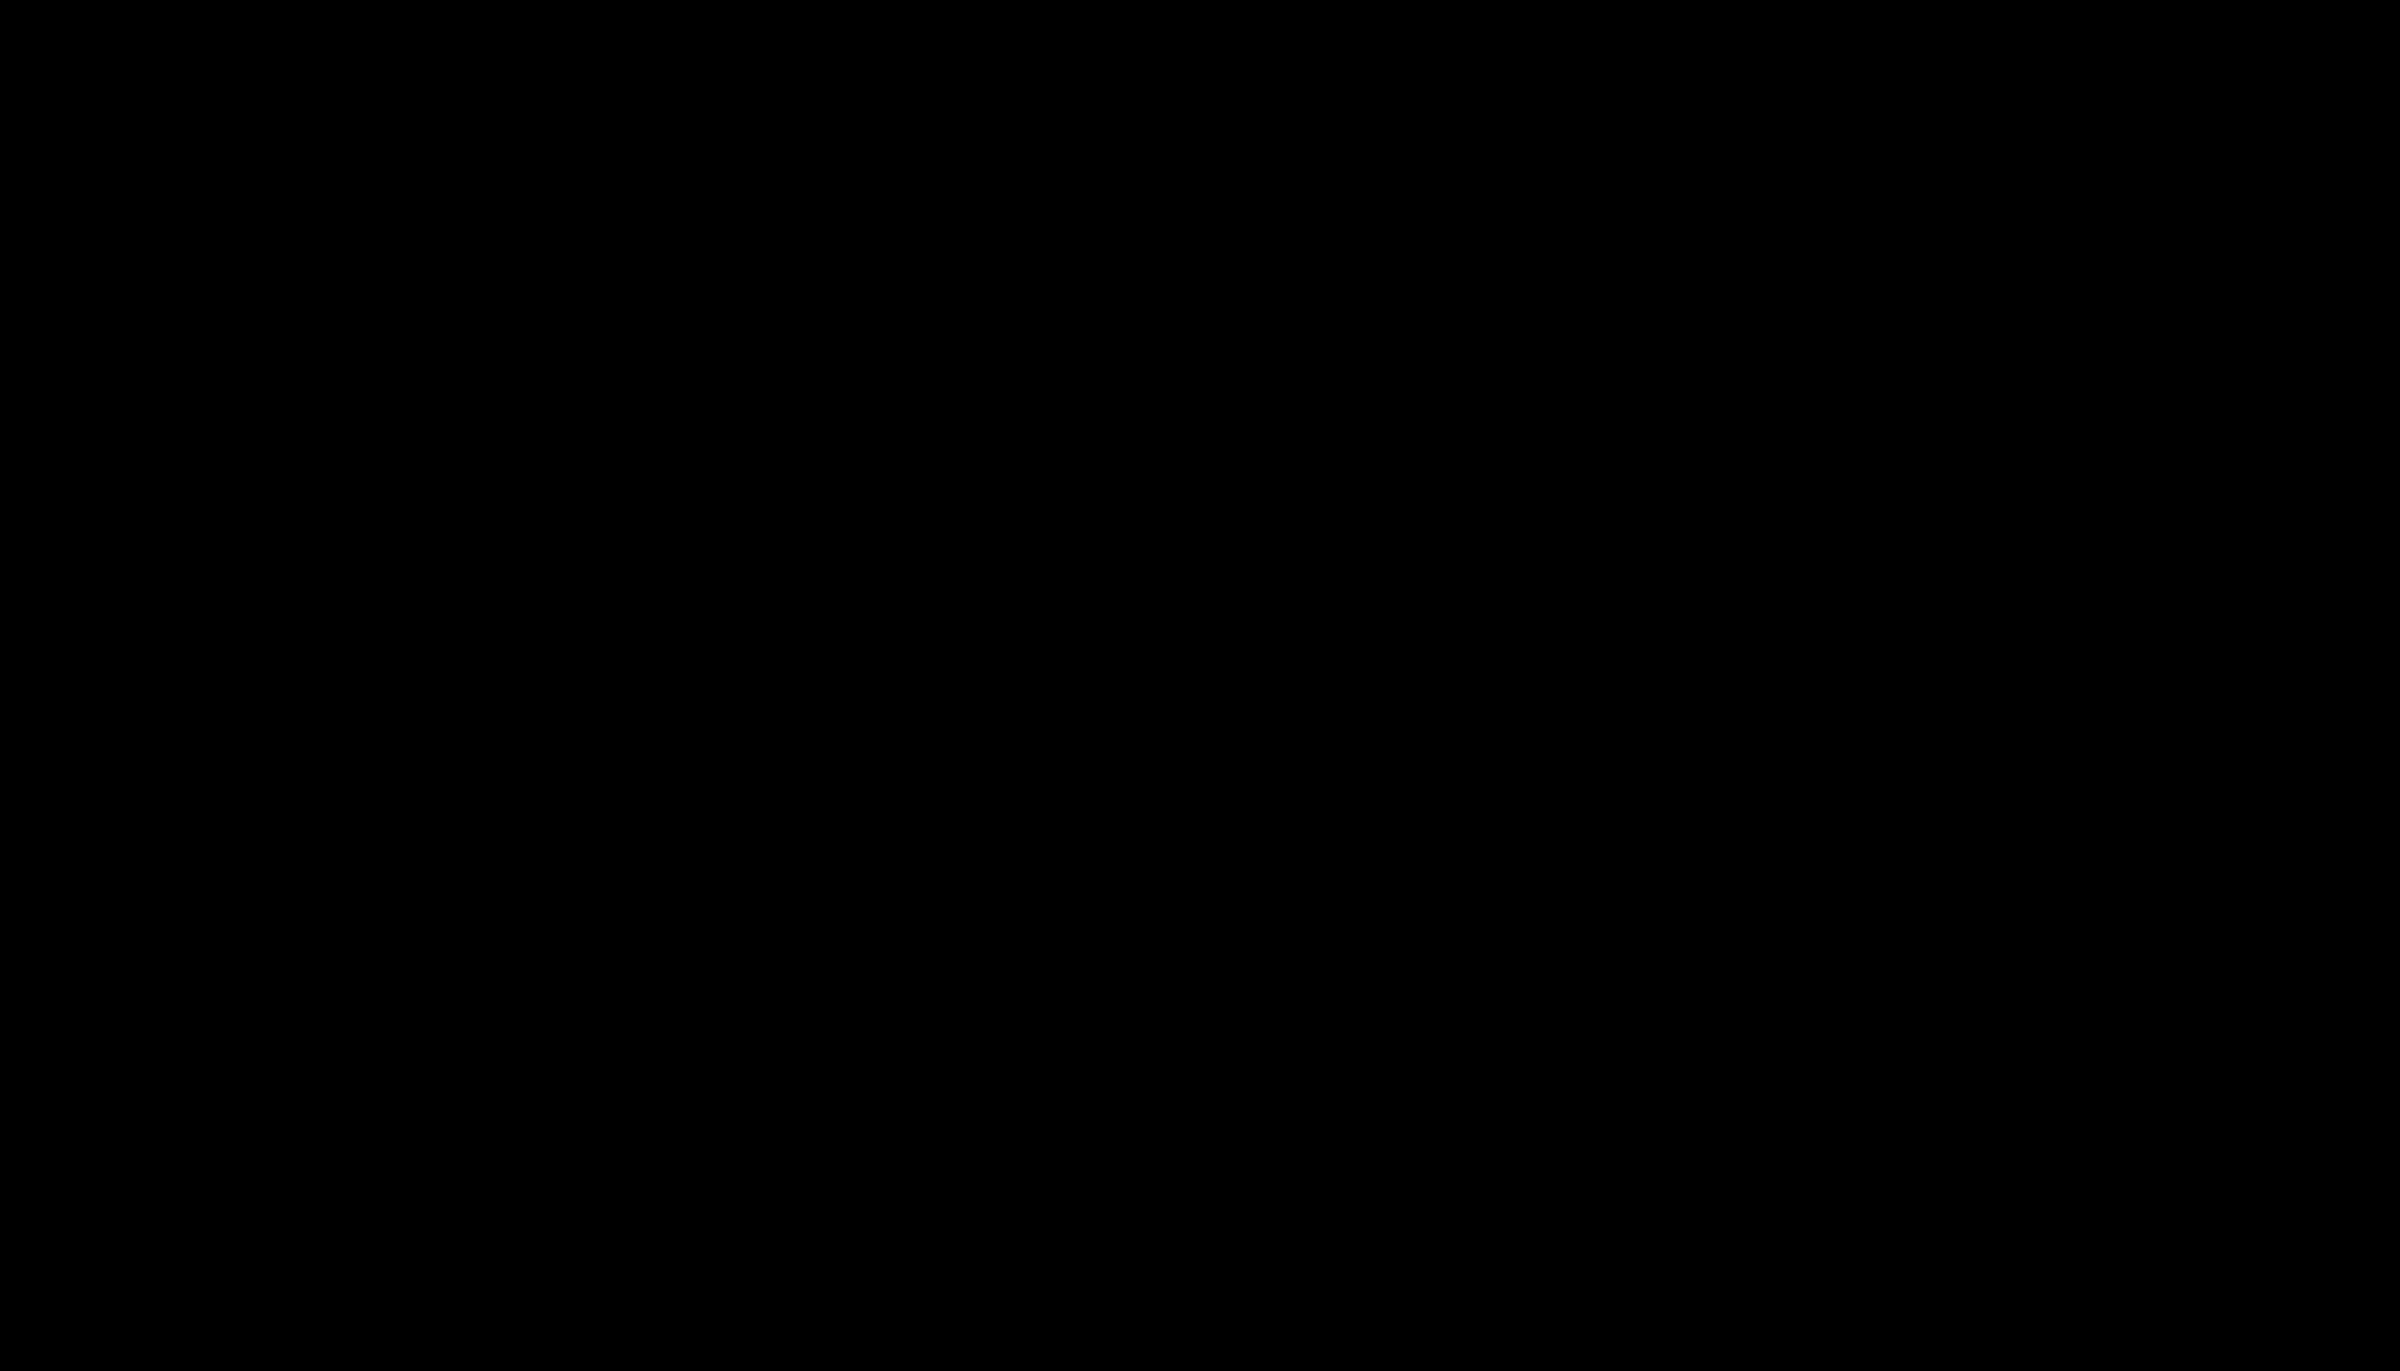 Beaver PNG - 27644